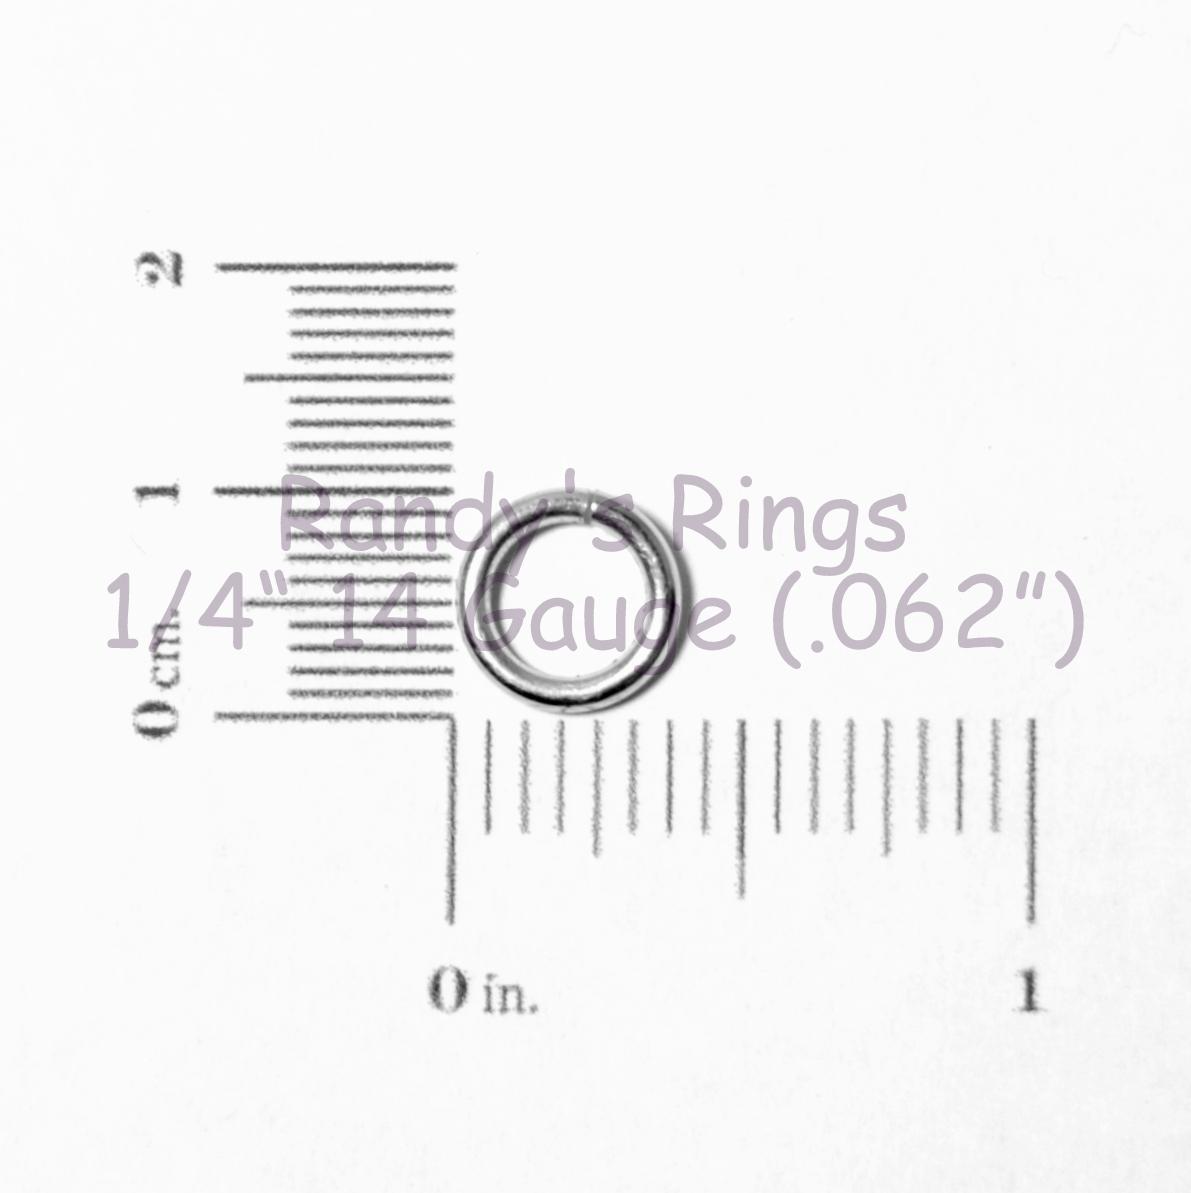 Randy S Rings Gt 1 4 14 Gauge 062 Turquoise Jump Rings